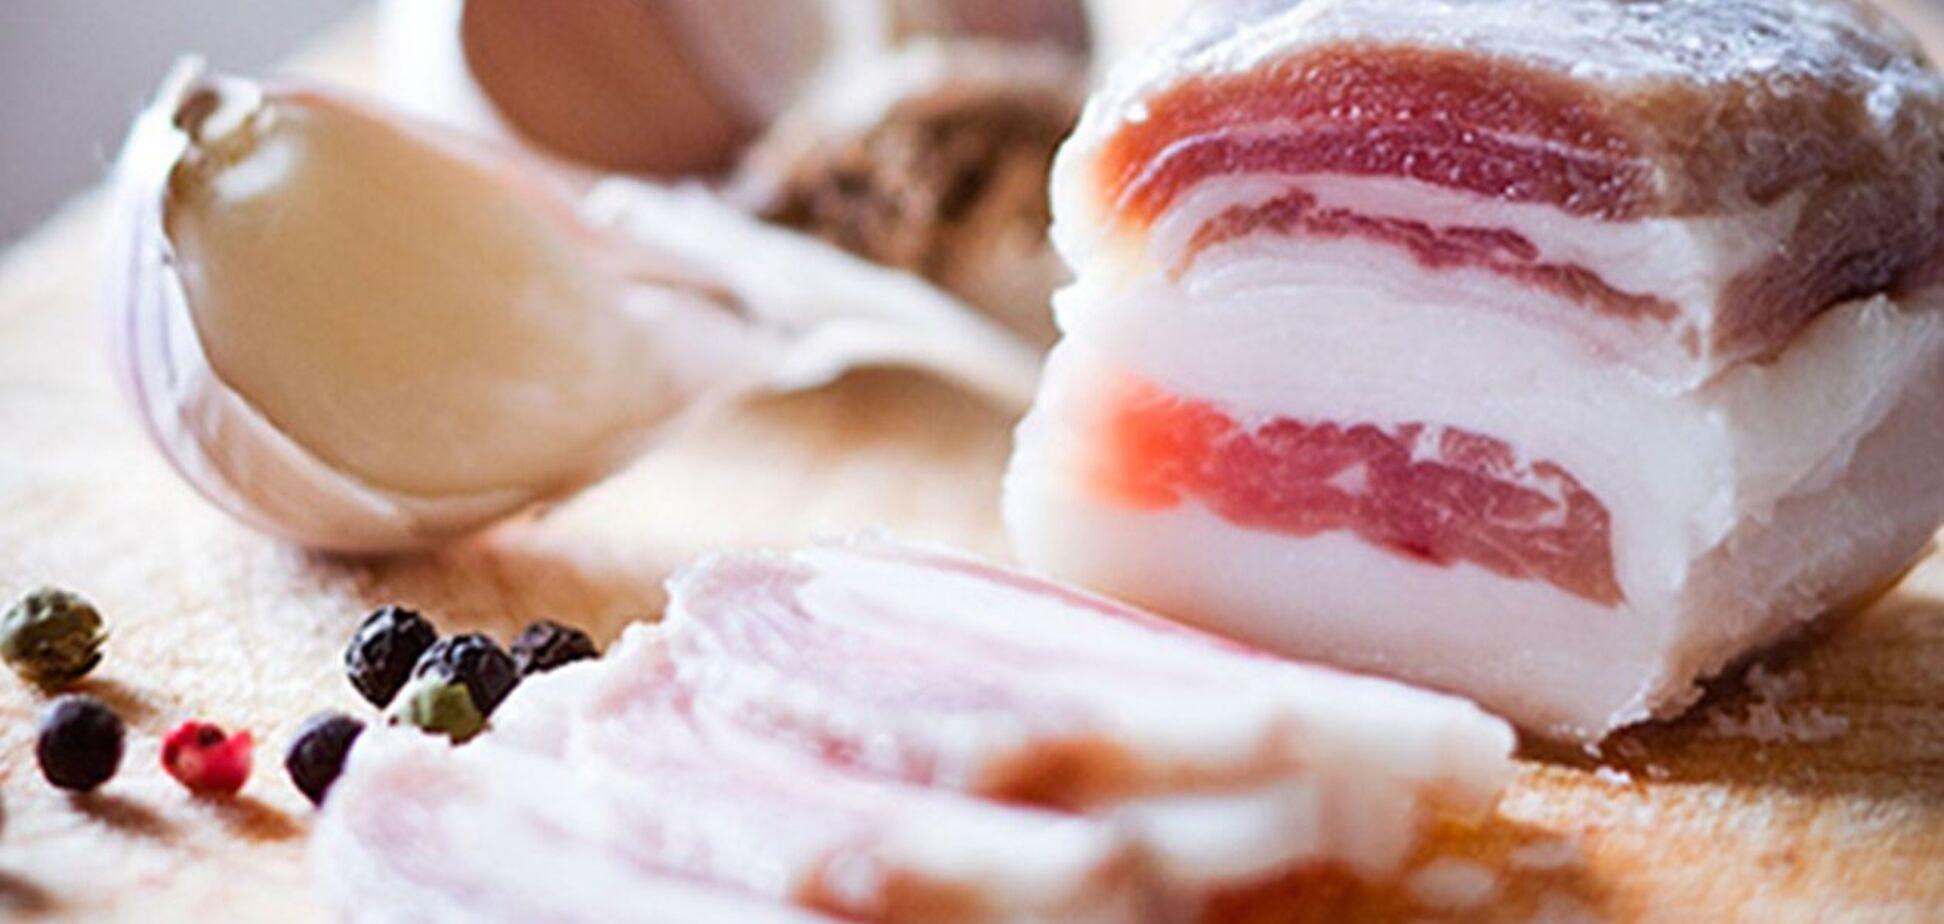 В Україні свинина і сало стануть дефіцитними продуктами